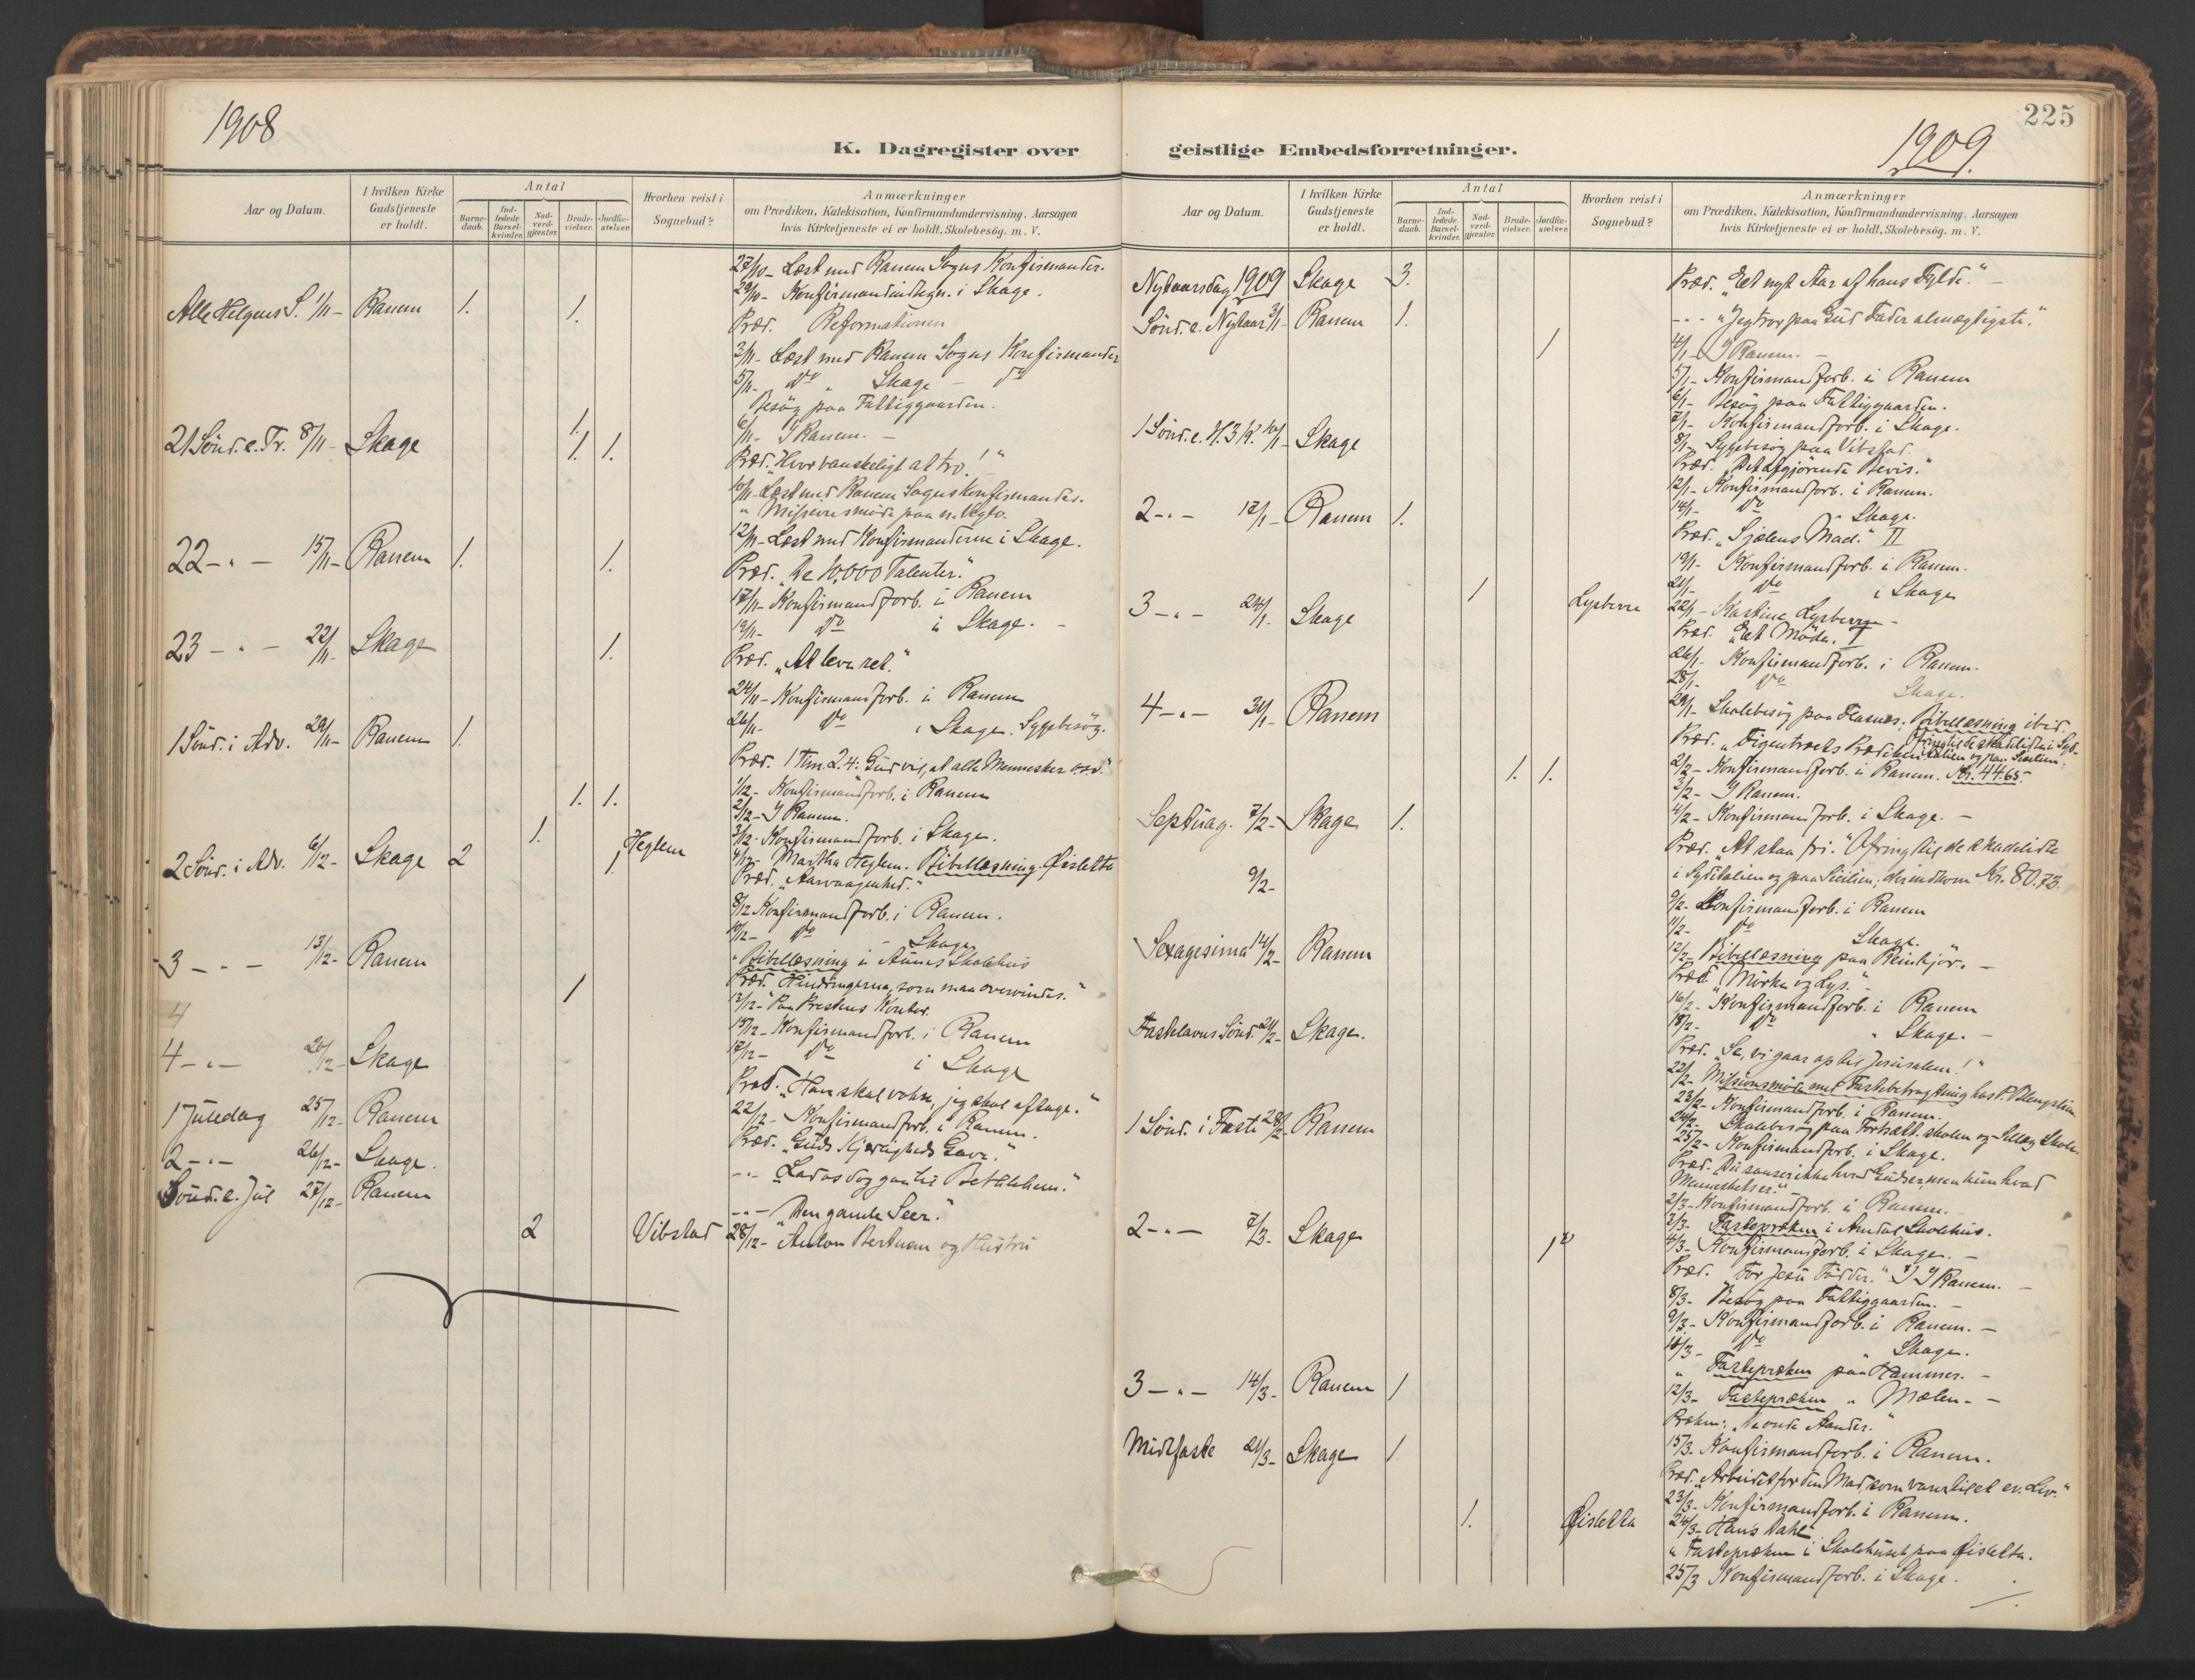 SAT, Ministerialprotokoller, klokkerbøker og fødselsregistre - Nord-Trøndelag, 764/L0556: Ministerialbok nr. 764A11, 1897-1924, s. 225